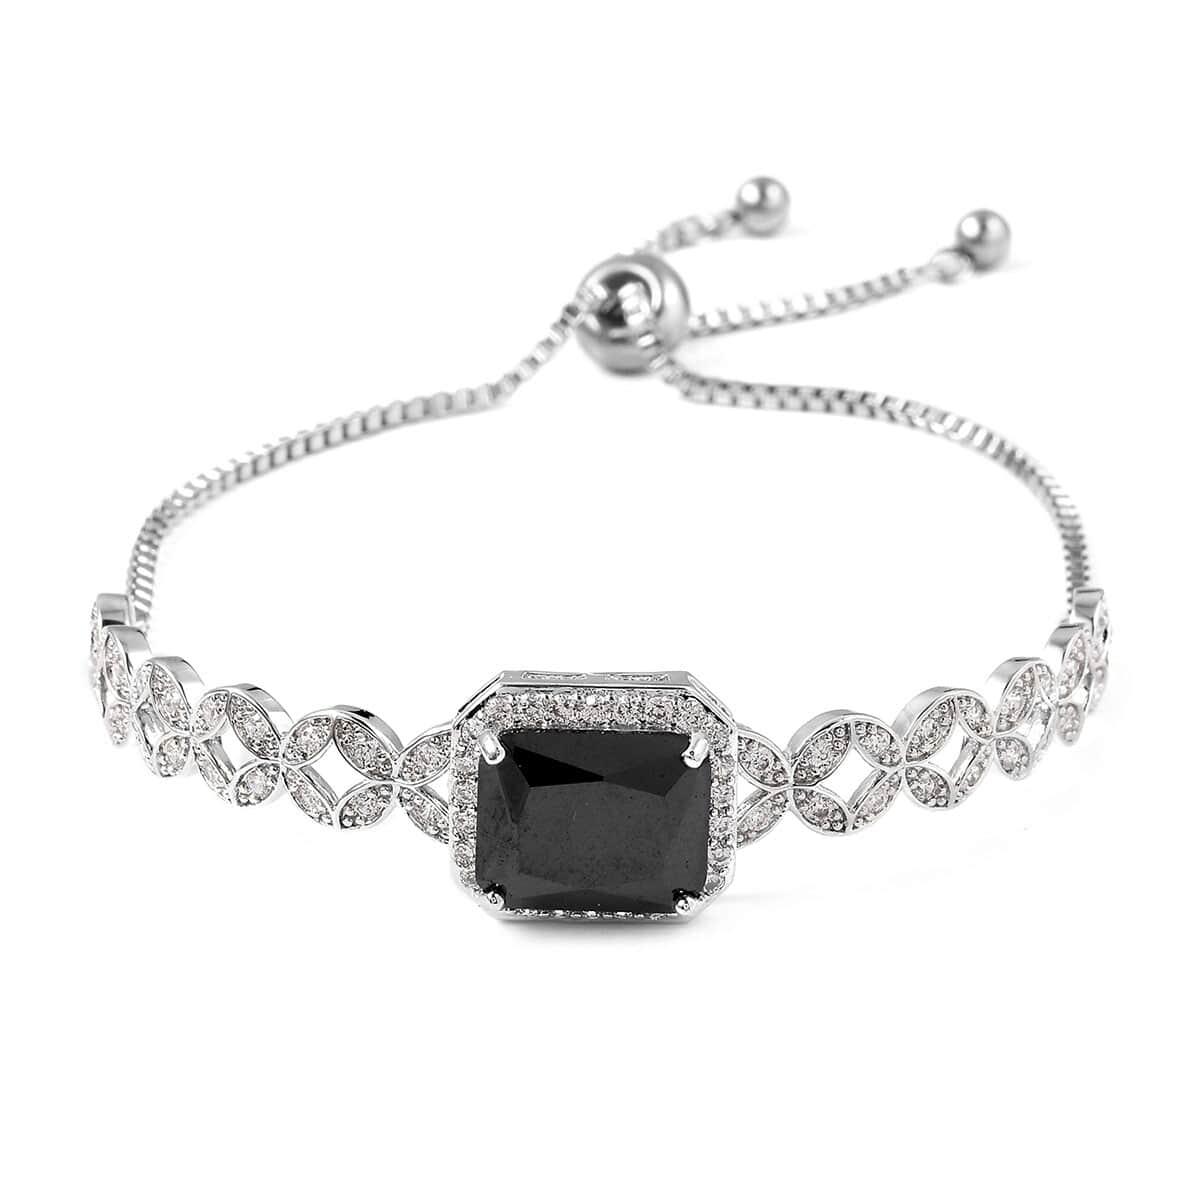 12-Color-Options-Cubic-Zirconia-Bracelet-Chain-Pendant-Necklace-Set-Adjustable thumbnail 11